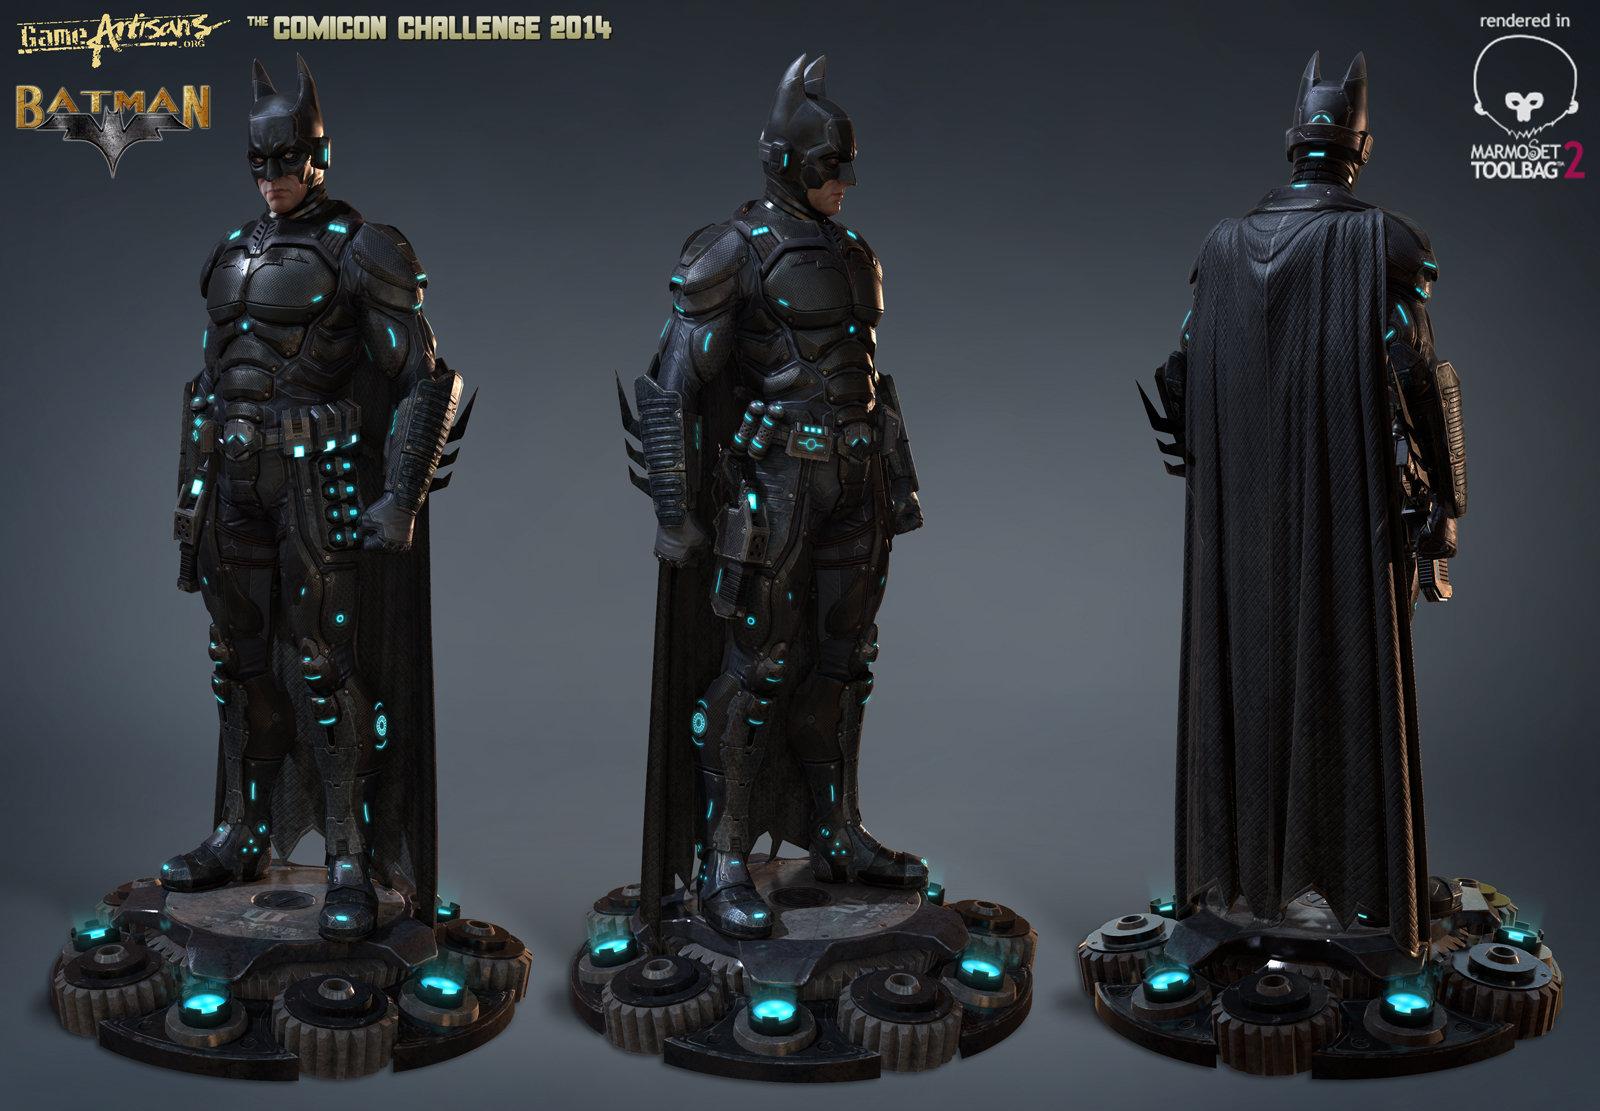 Comicon Challege 2014 Entry Batman